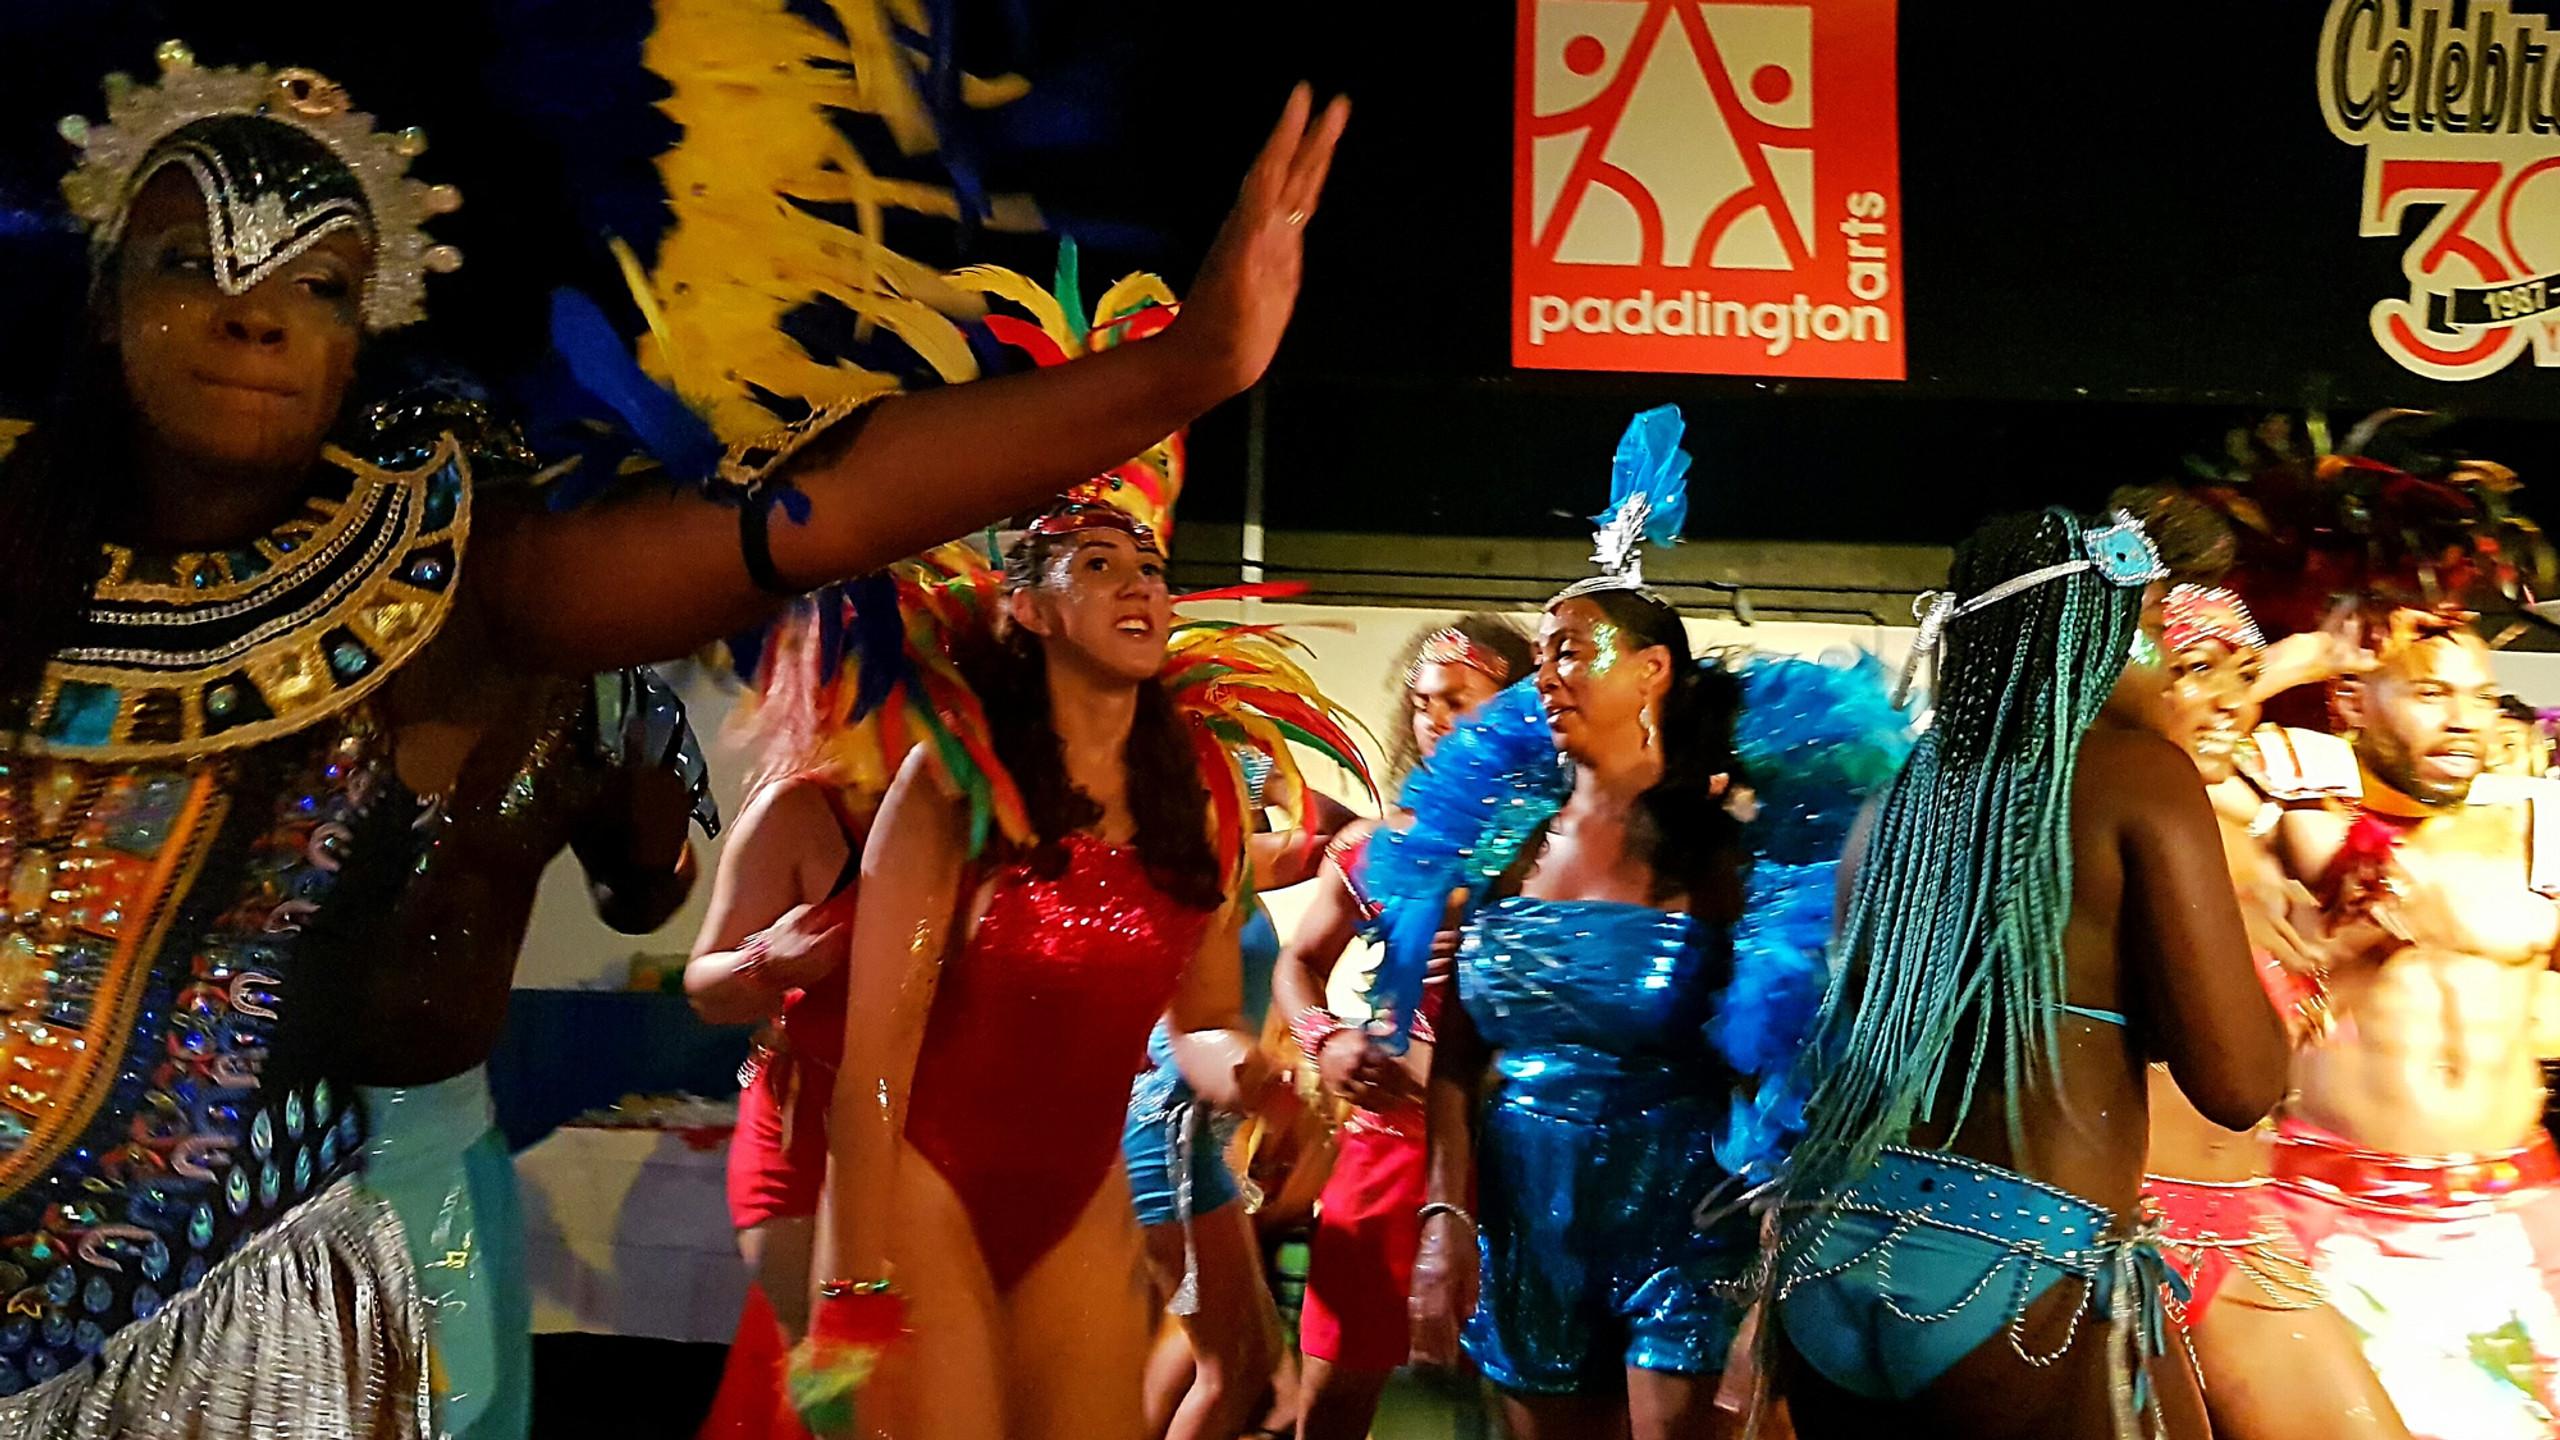 Carnival at Paddington Arts